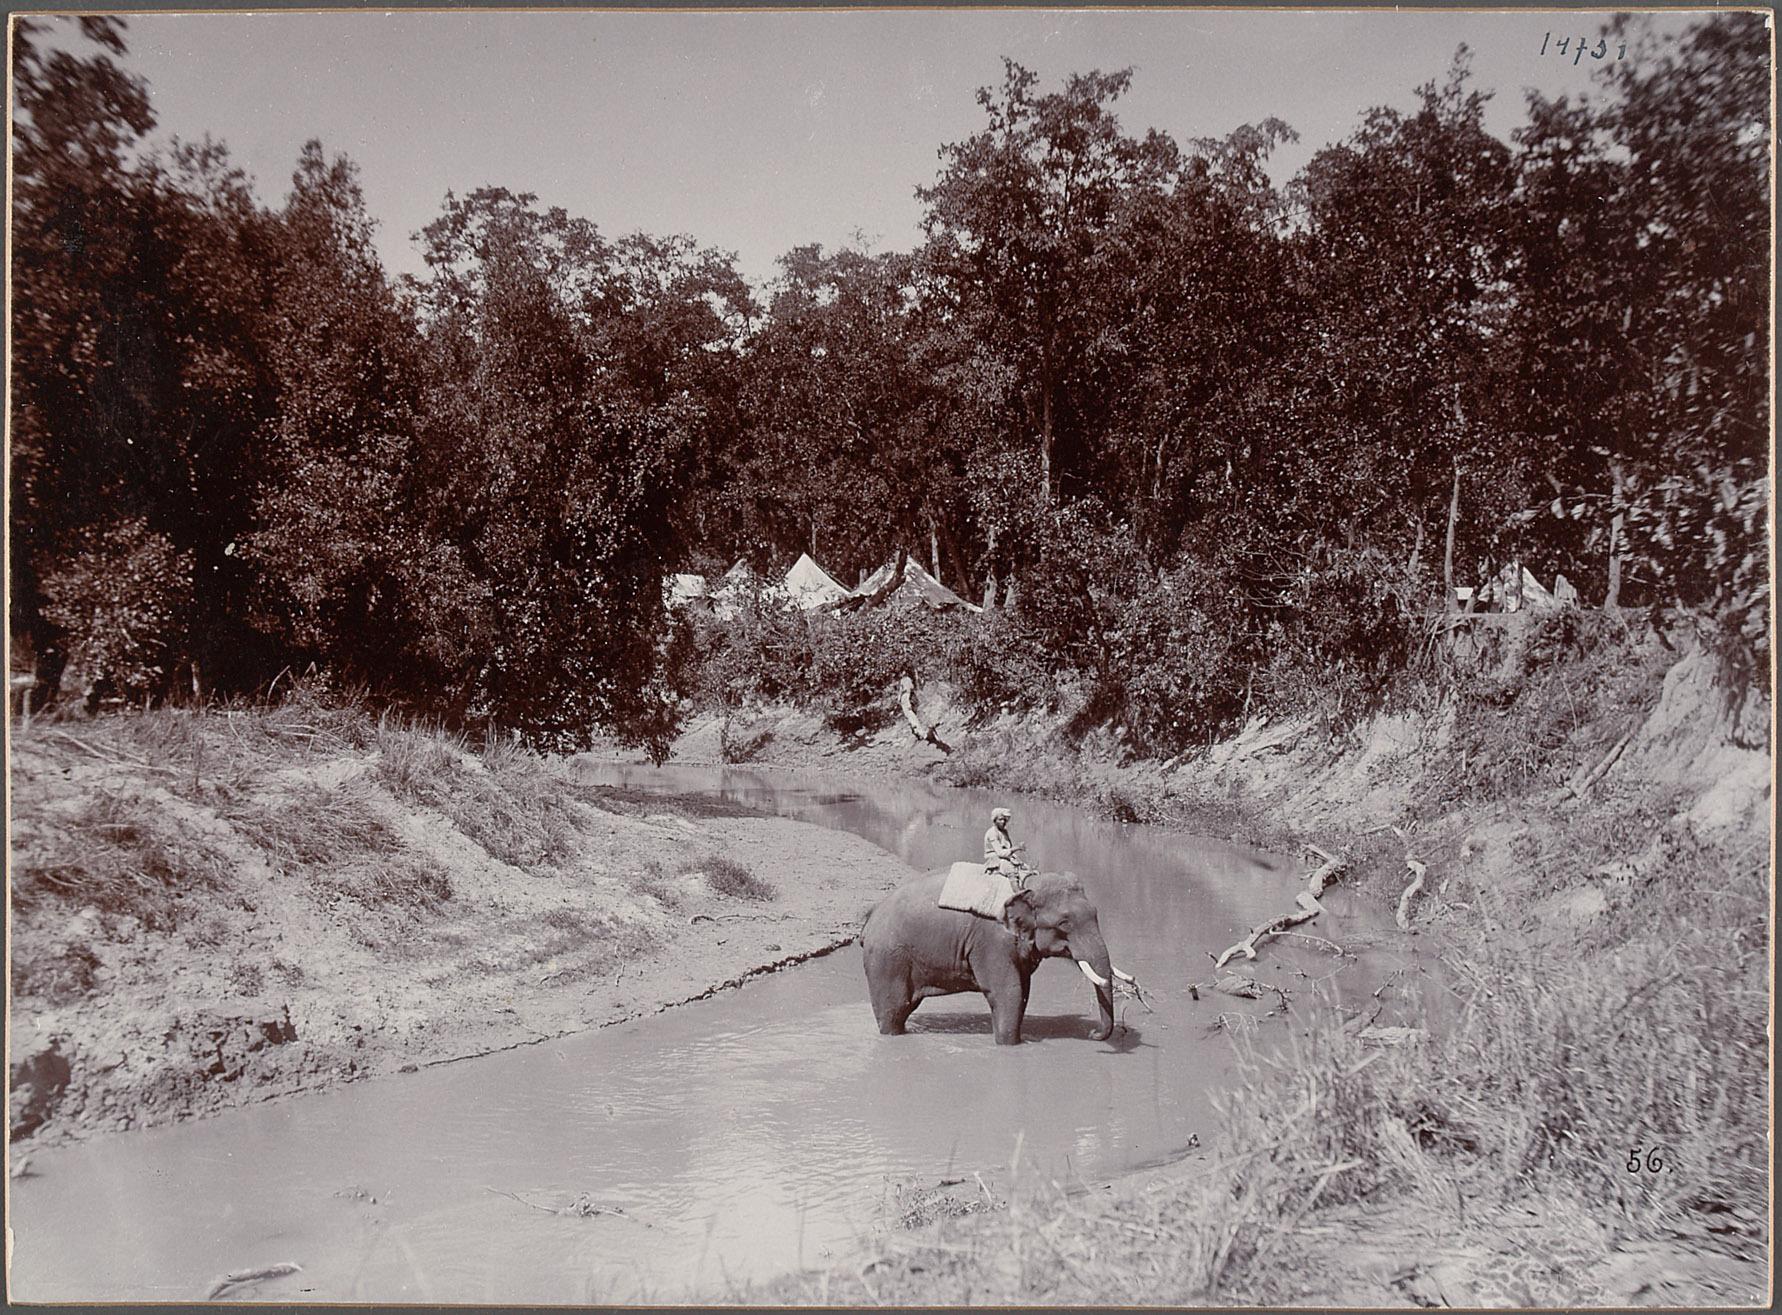 """Nepal, """"Katni-Camp. Elefanten im Bad"""". 21.III.1893 von Eduard Hodek jun."""